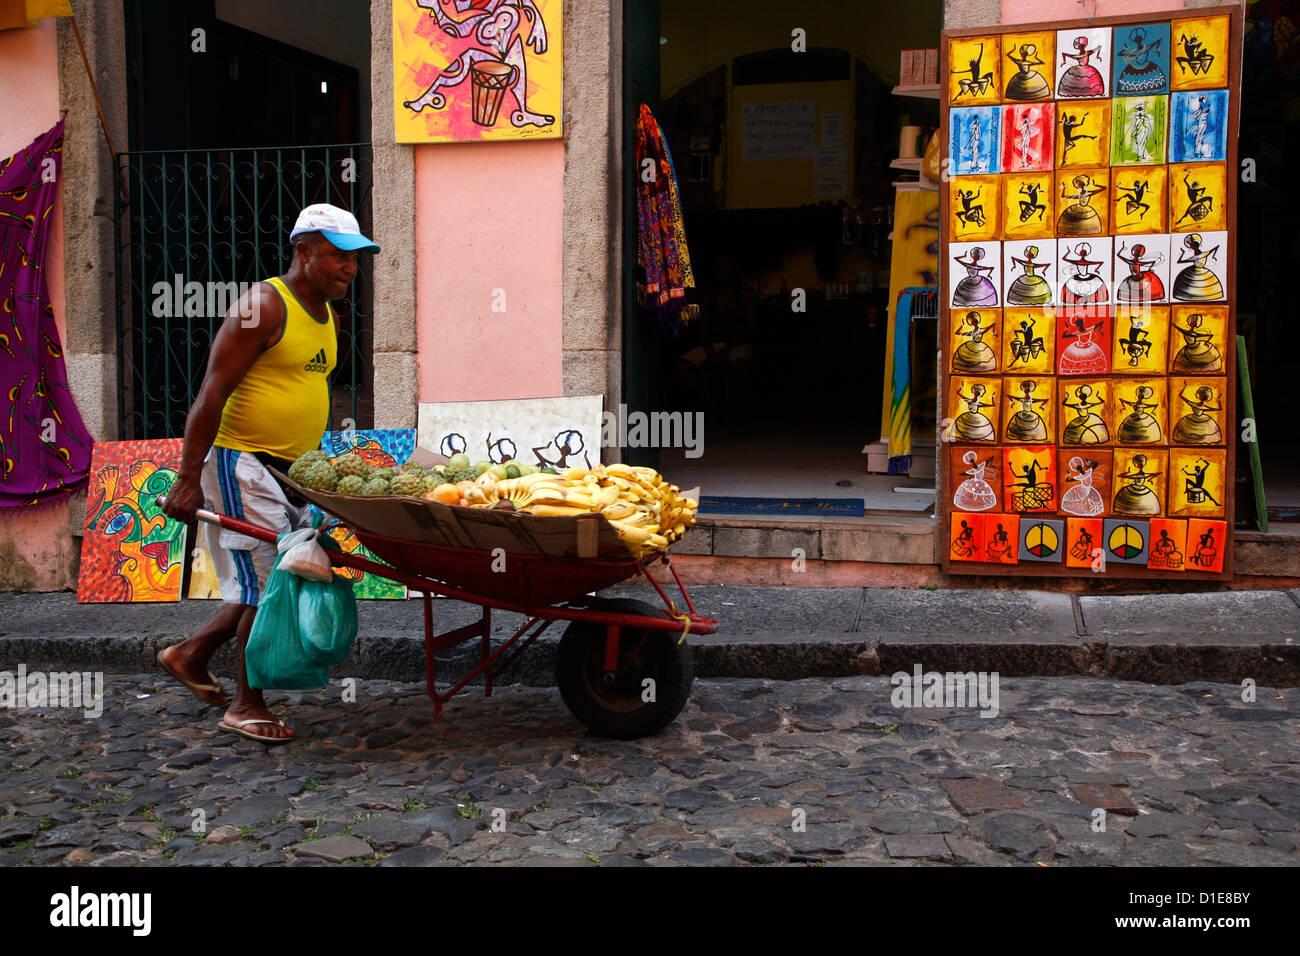 Fruit vendor in the cobbled streets of Largo de Pelourinho, Salvador, Bahia, Brazil, South America - Stock Image